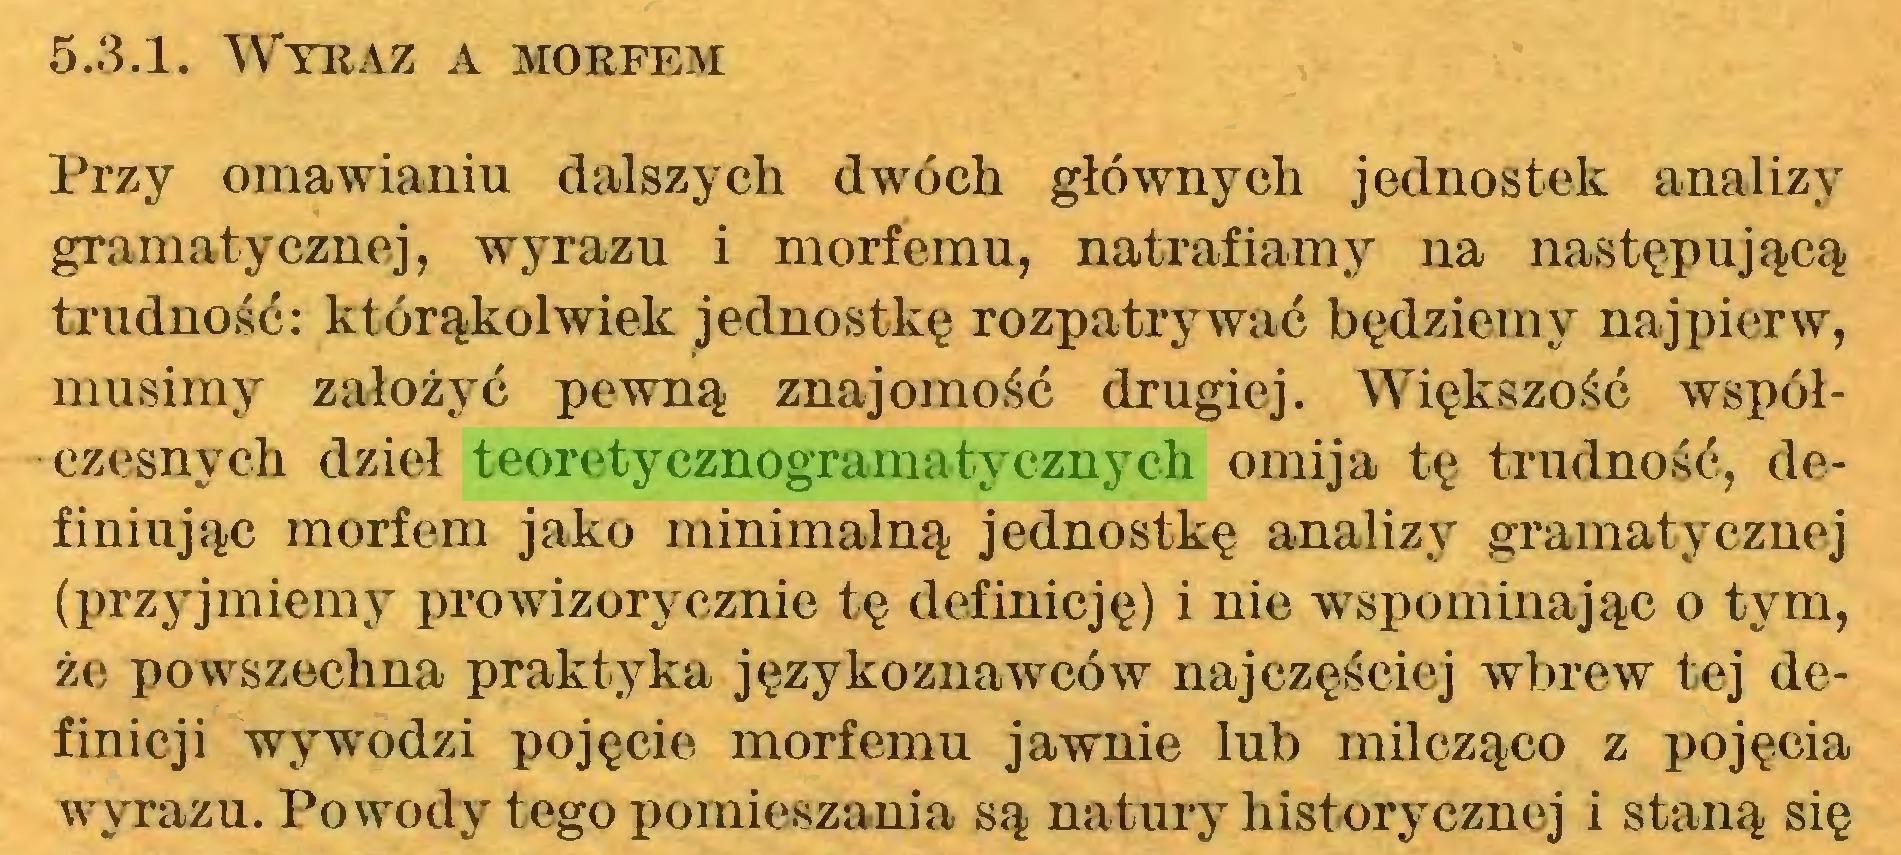 (...) 5.3.1. Wyraz a morfem Przy omawianiu dalszych dwóch głównych jednostek analizy gramatycznej, wyrazu i morfemu, natrafiamy na następującą trudność: którąkolwiek jednostkę rozpatrywać będziemy najpierw, musimy założyć pewną znajomość drugiej. Większość współczesnych dzieł teoretycznogramatycznych omija tę trudność, definiując morfem jako minimalną jednostkę analizy gramatycznej (przyjmiemy prowizorycznie tę definicję) i nie wspominając o tym, że powszechna praktyka językoznawców najczęściej wbrew tej definicji wywodzi pojęcie morfemu jawnie lub milcząco z pojęcia wyrazu. Powody tego pomieszania są natury historycznej i staną się...